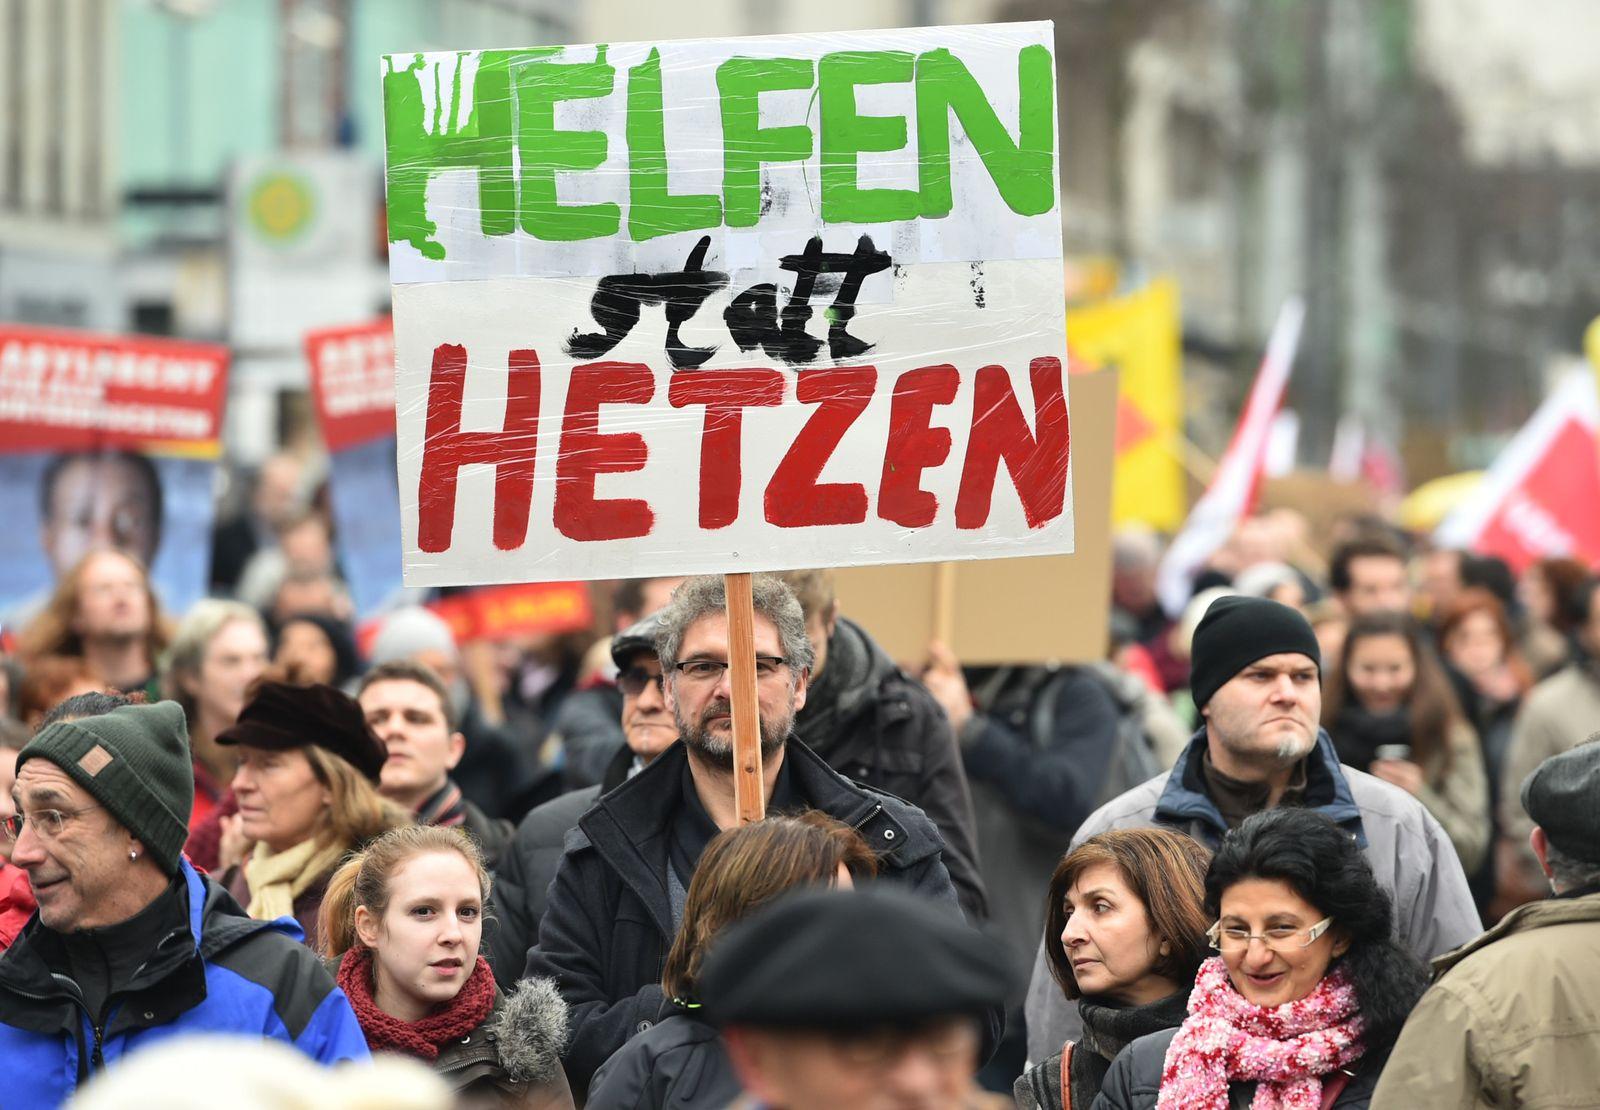 Solidaritätsdemonstration für Flüchtlinge in Mannheim